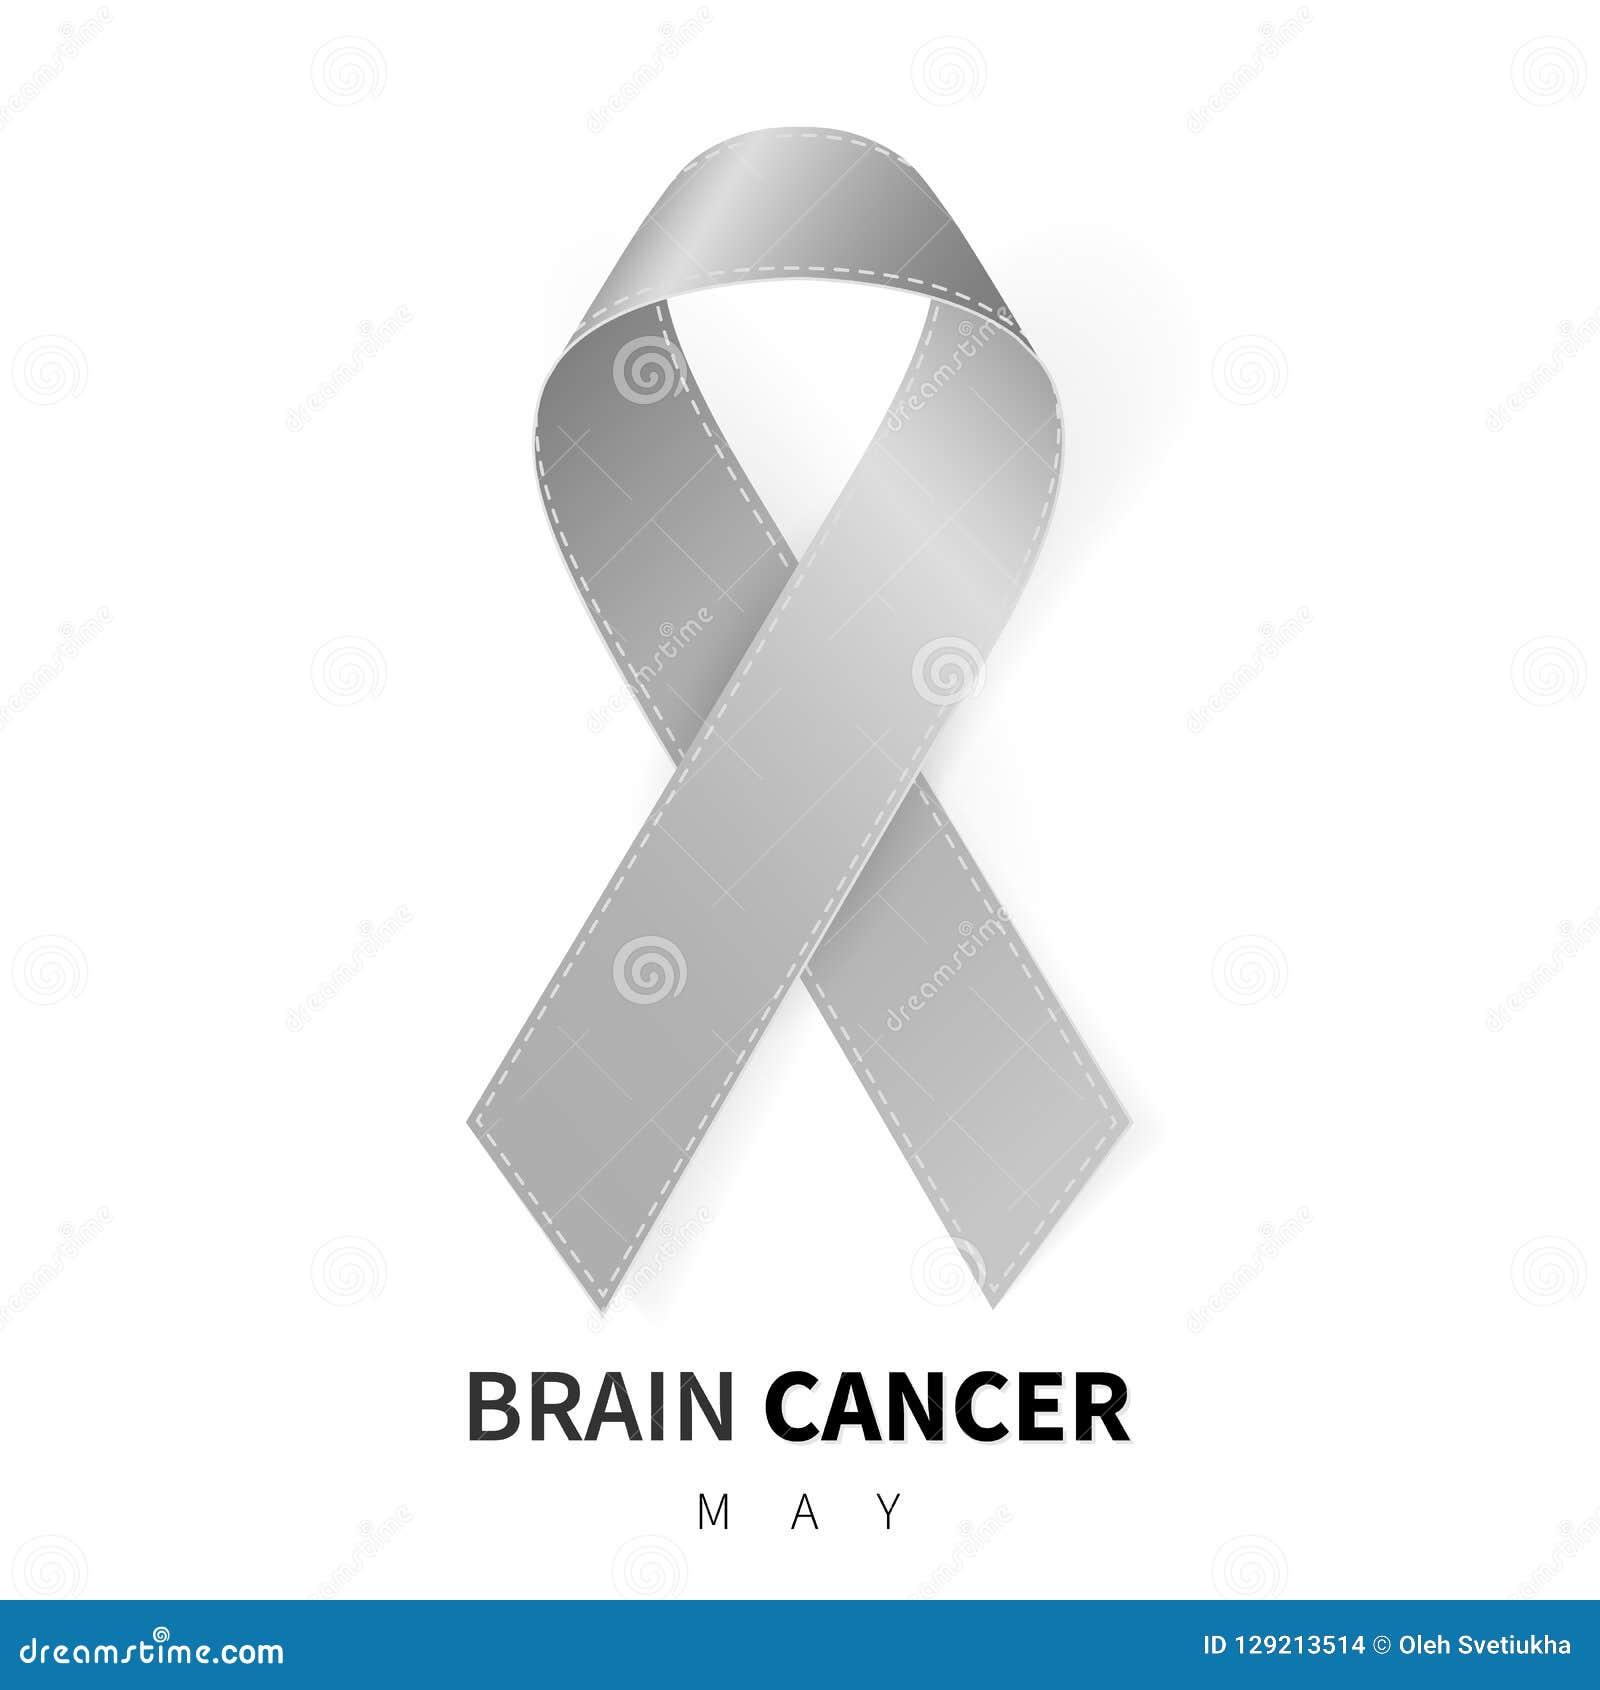 Brain Cancer Awareness Month Simbolo grigio realistico del nastro Disegno medico Illustrazione di vettore